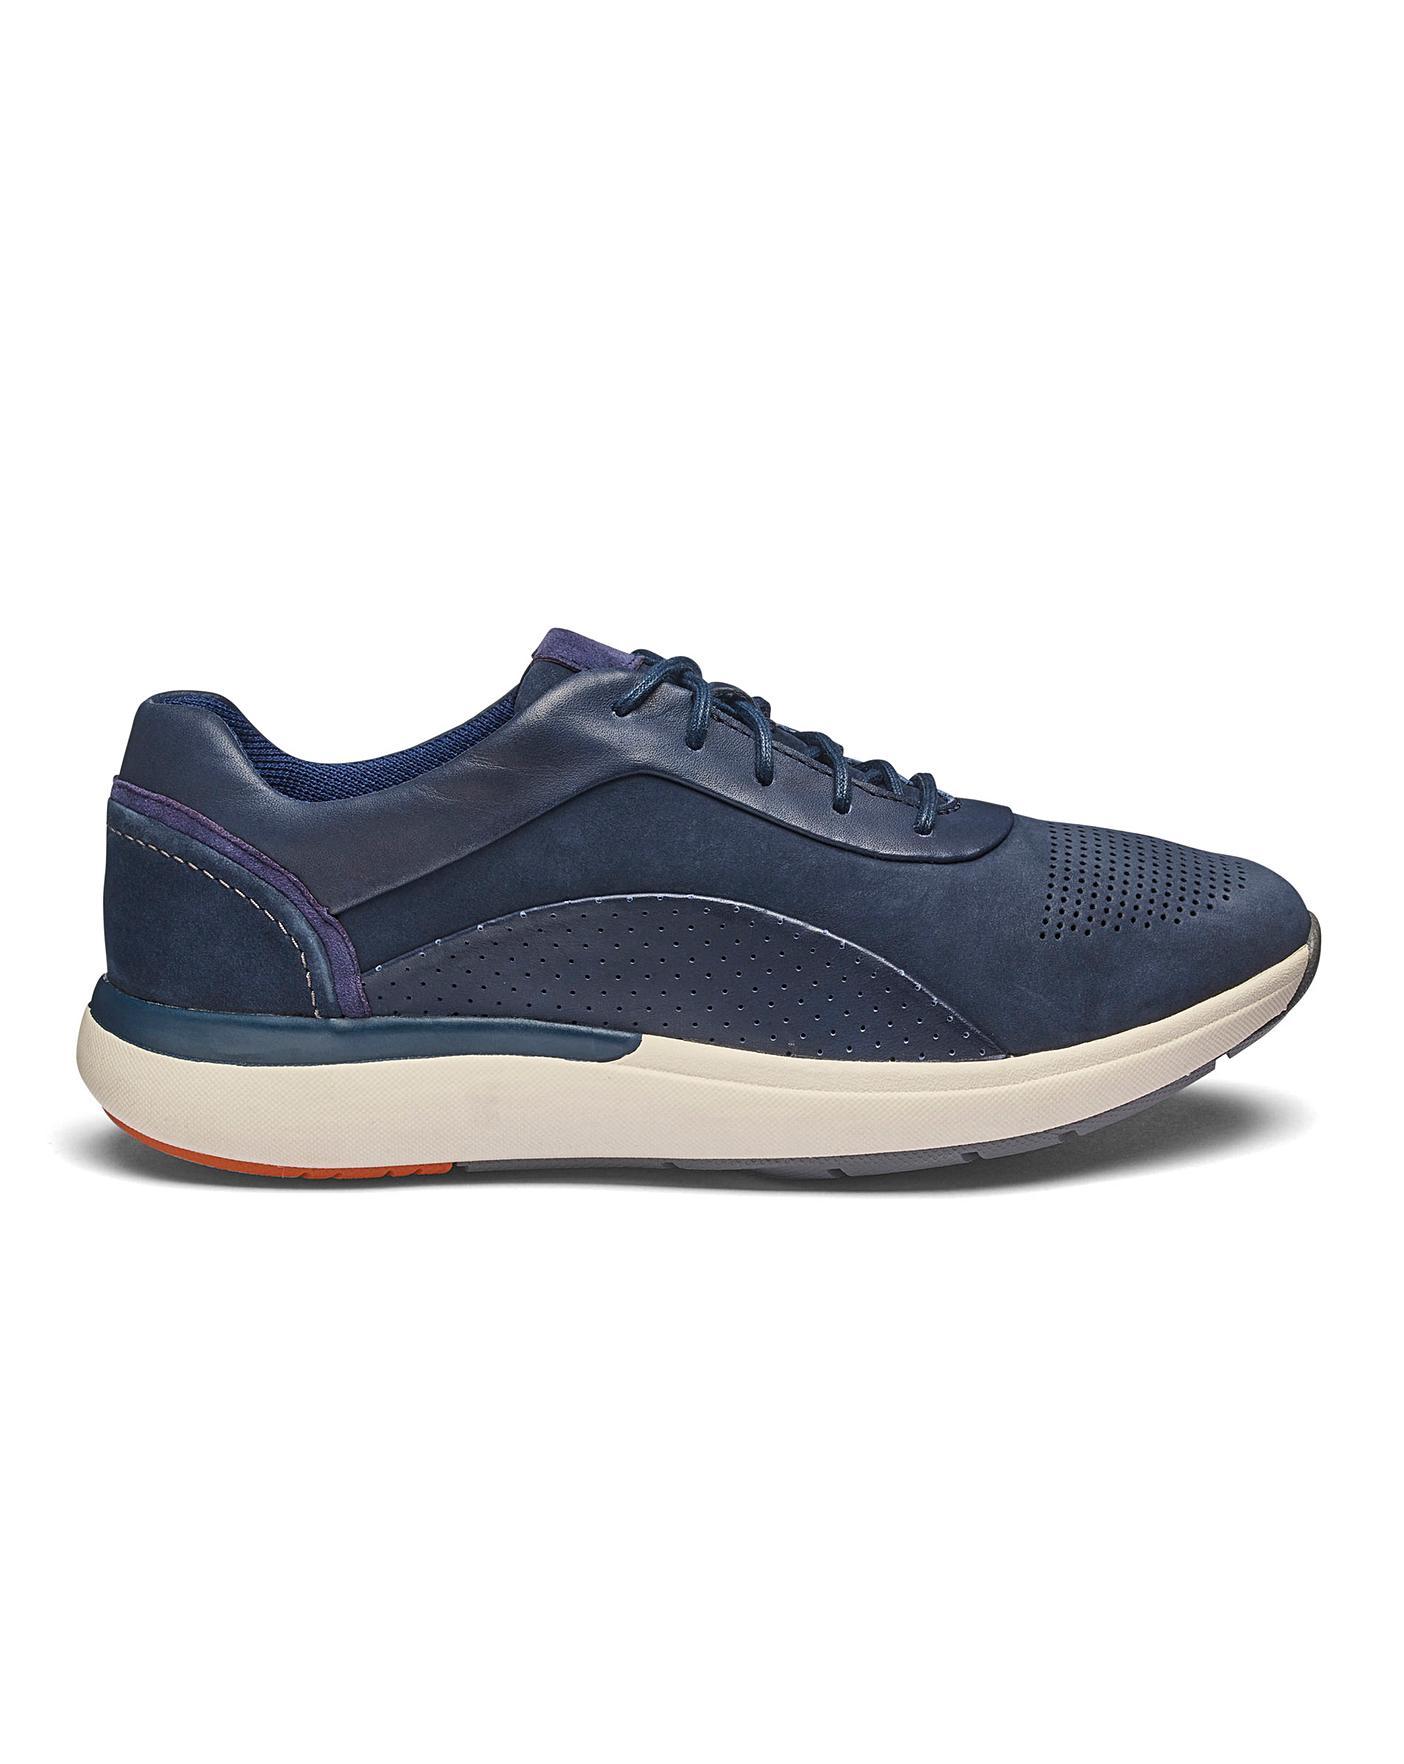 Clarks Un Cruise Lace Shoes D Fit